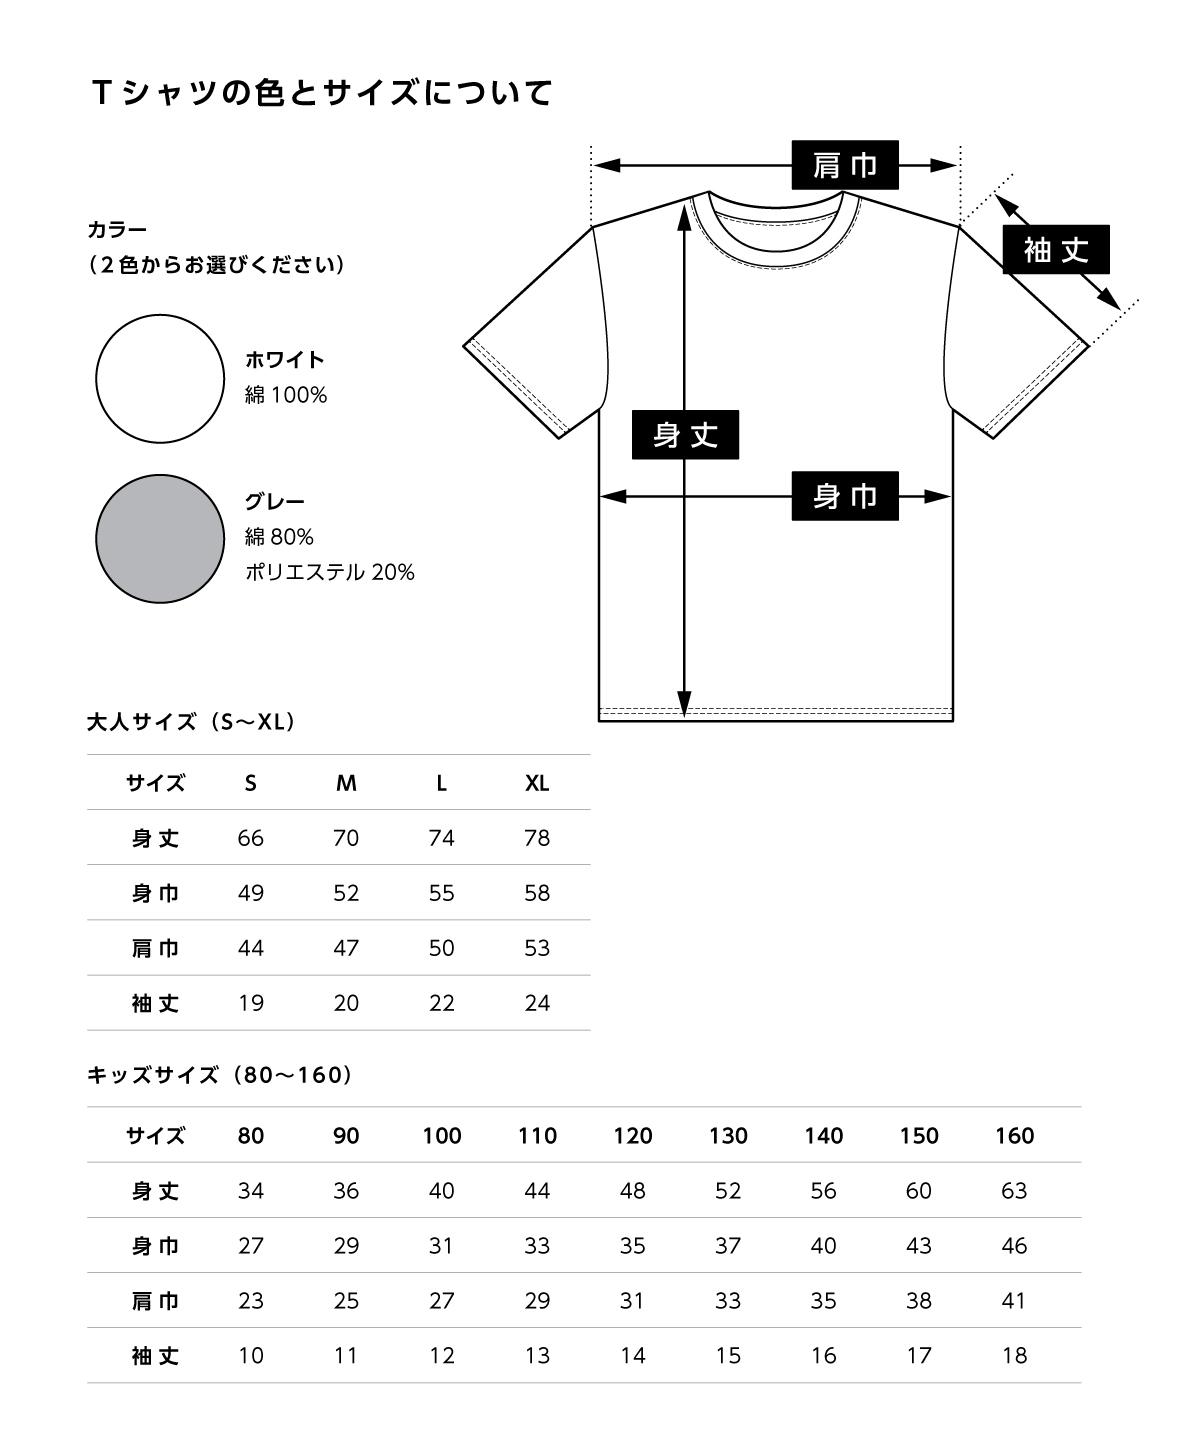 Tシャツの色とサイズについて